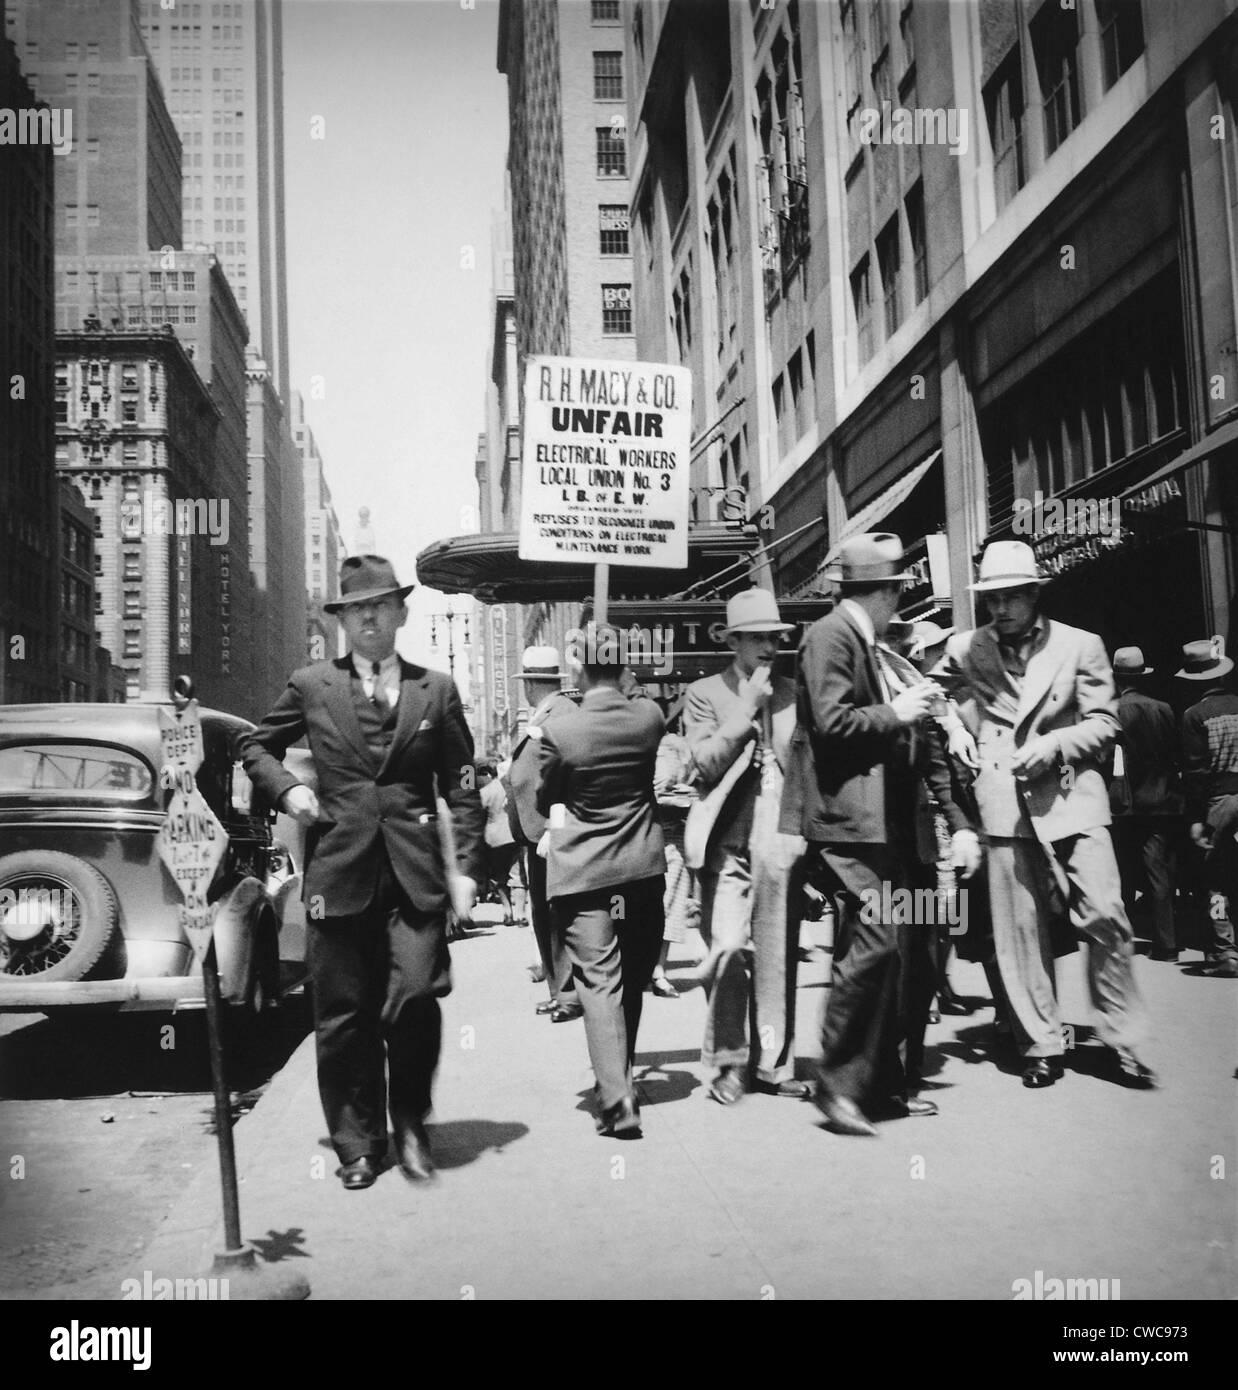 """Unión hombres piquetes de Macy's. Señal se lee """"R.H. Macy Co. injusto - Trabajadores Eléctricos Imagen De Stock"""